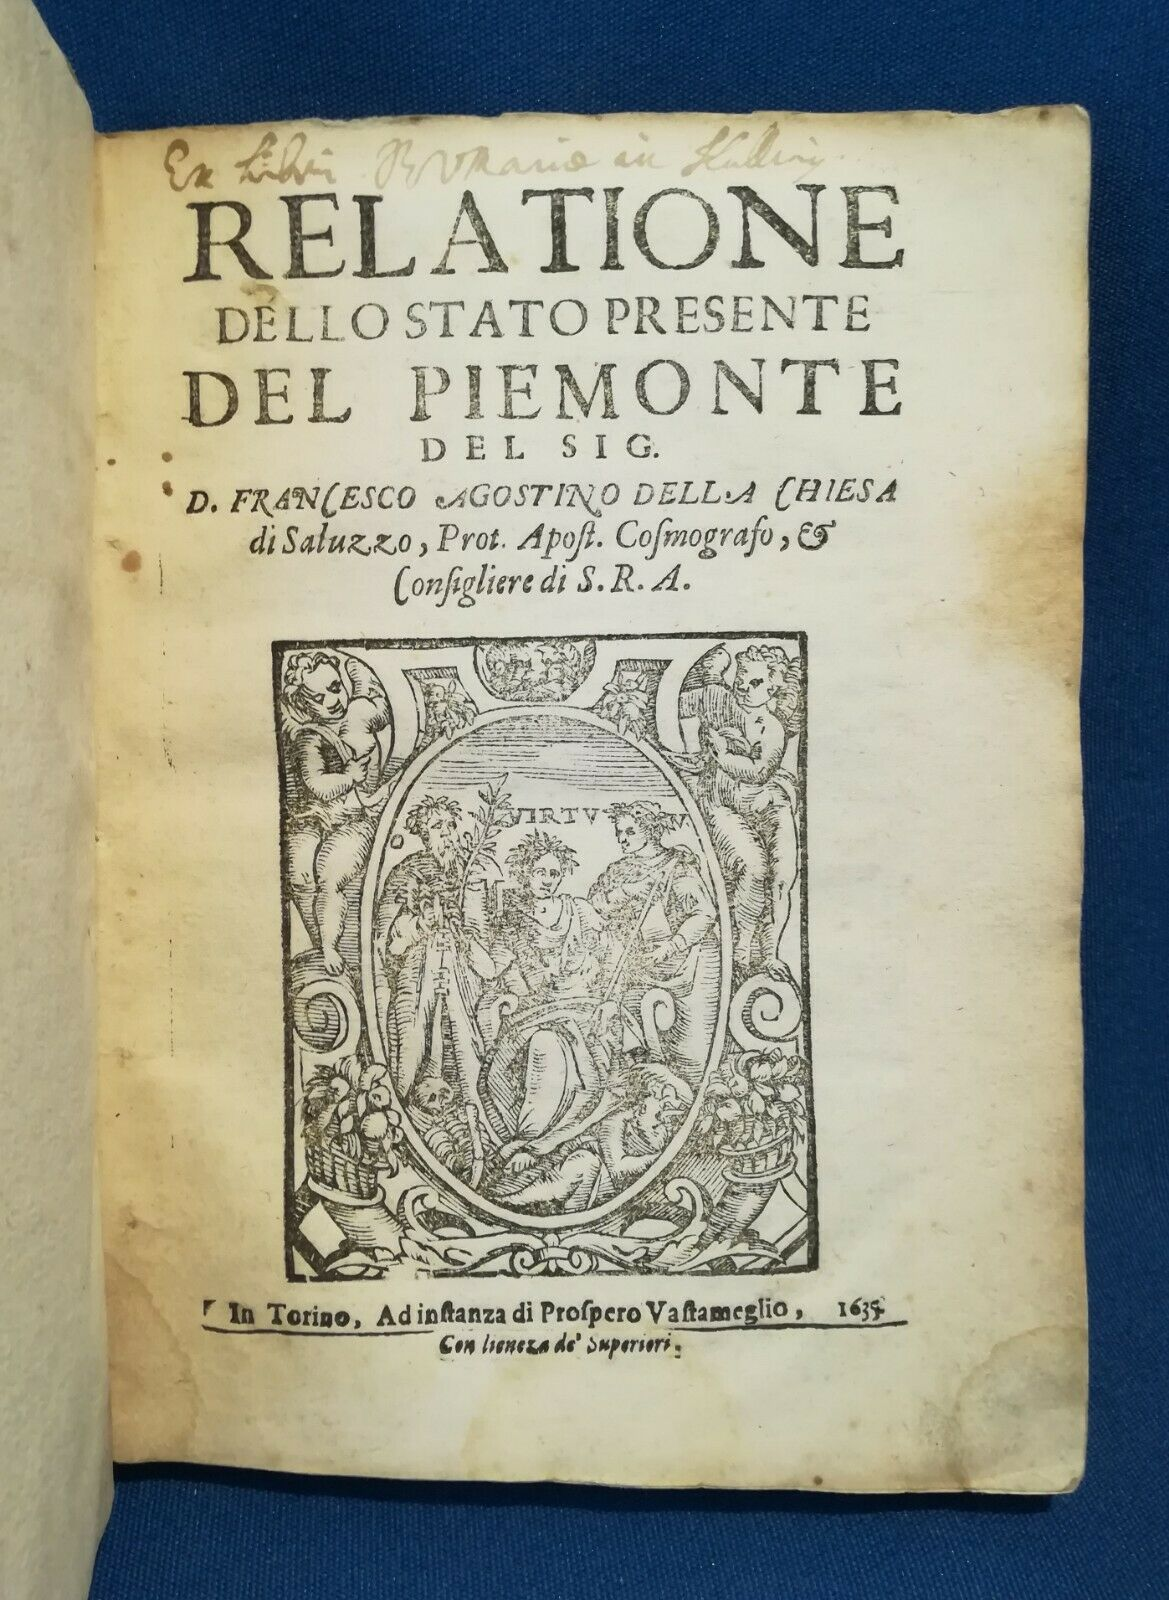 Case A Valenzano Occasioni vialibri ~ rare books from 1635 - page 1